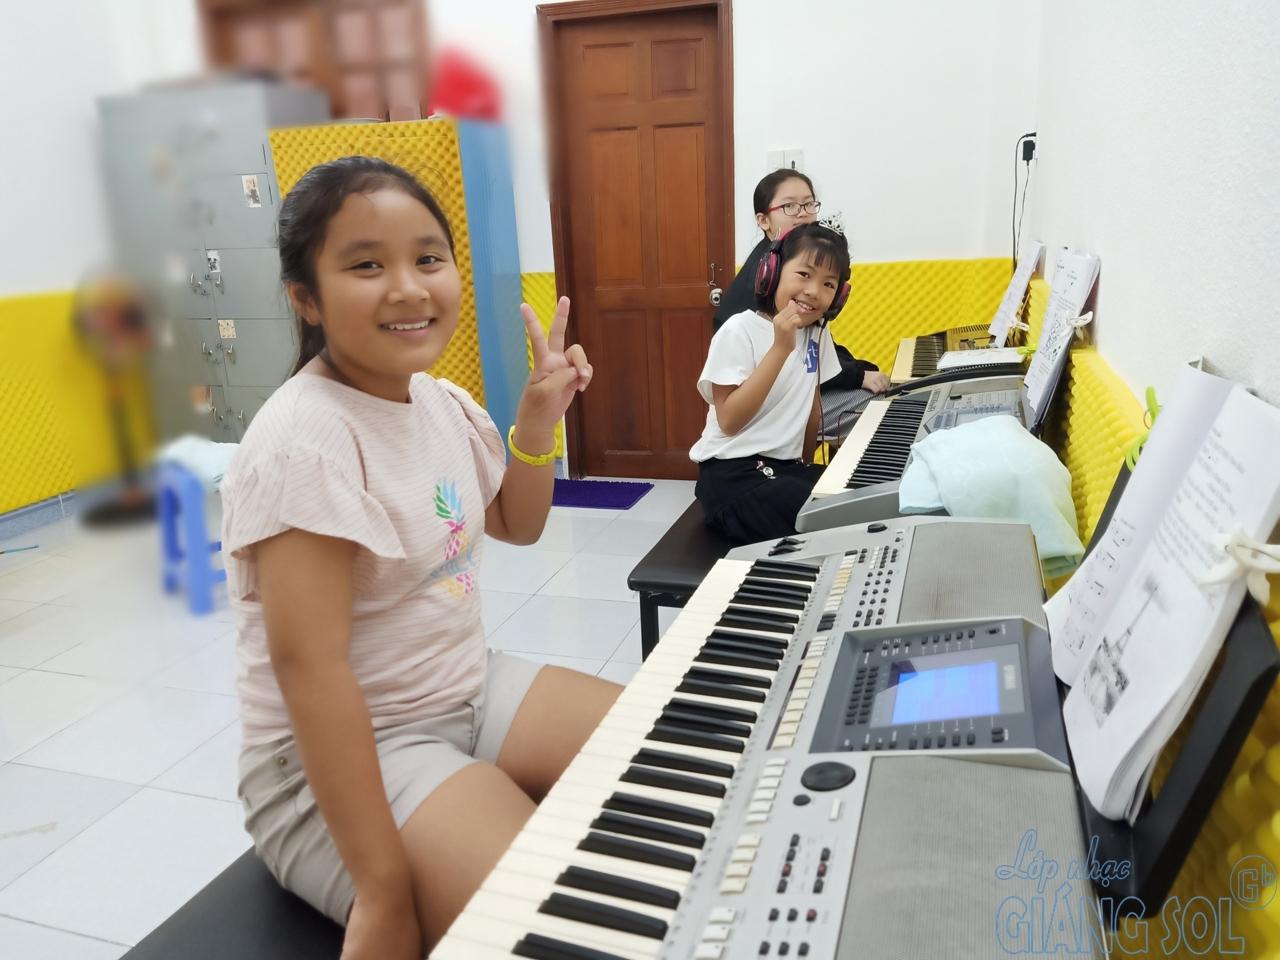 lớp dạy đàn Organ tại quận 12, trung tâm âm nhạc giáng sol